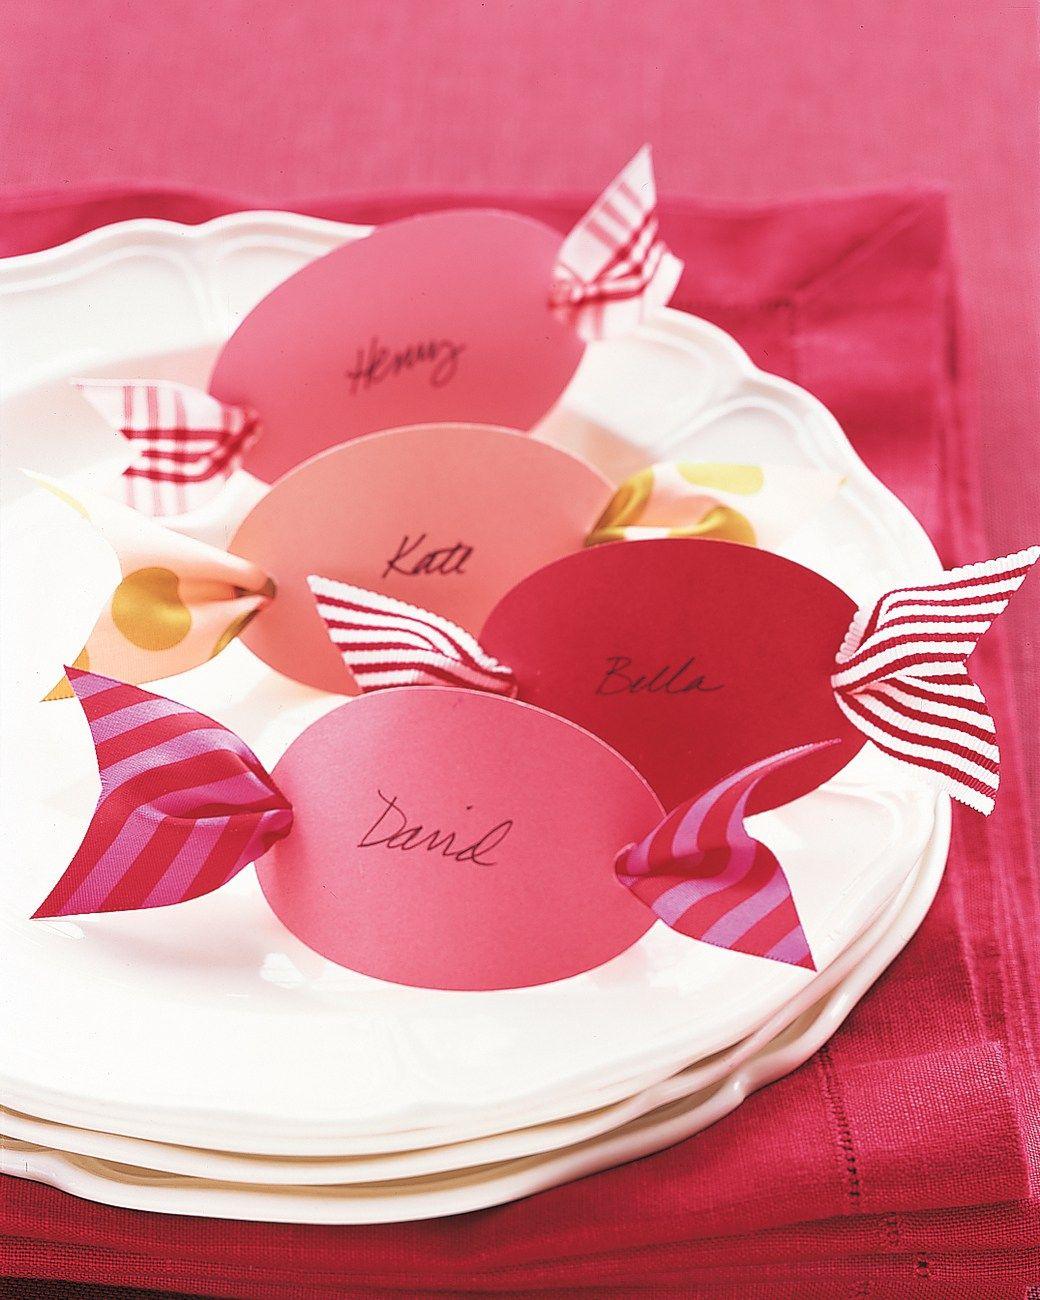 tischkarten geburtstag in form von rosa pralinen geburtstag tischkarten geburtstag. Black Bedroom Furniture Sets. Home Design Ideas